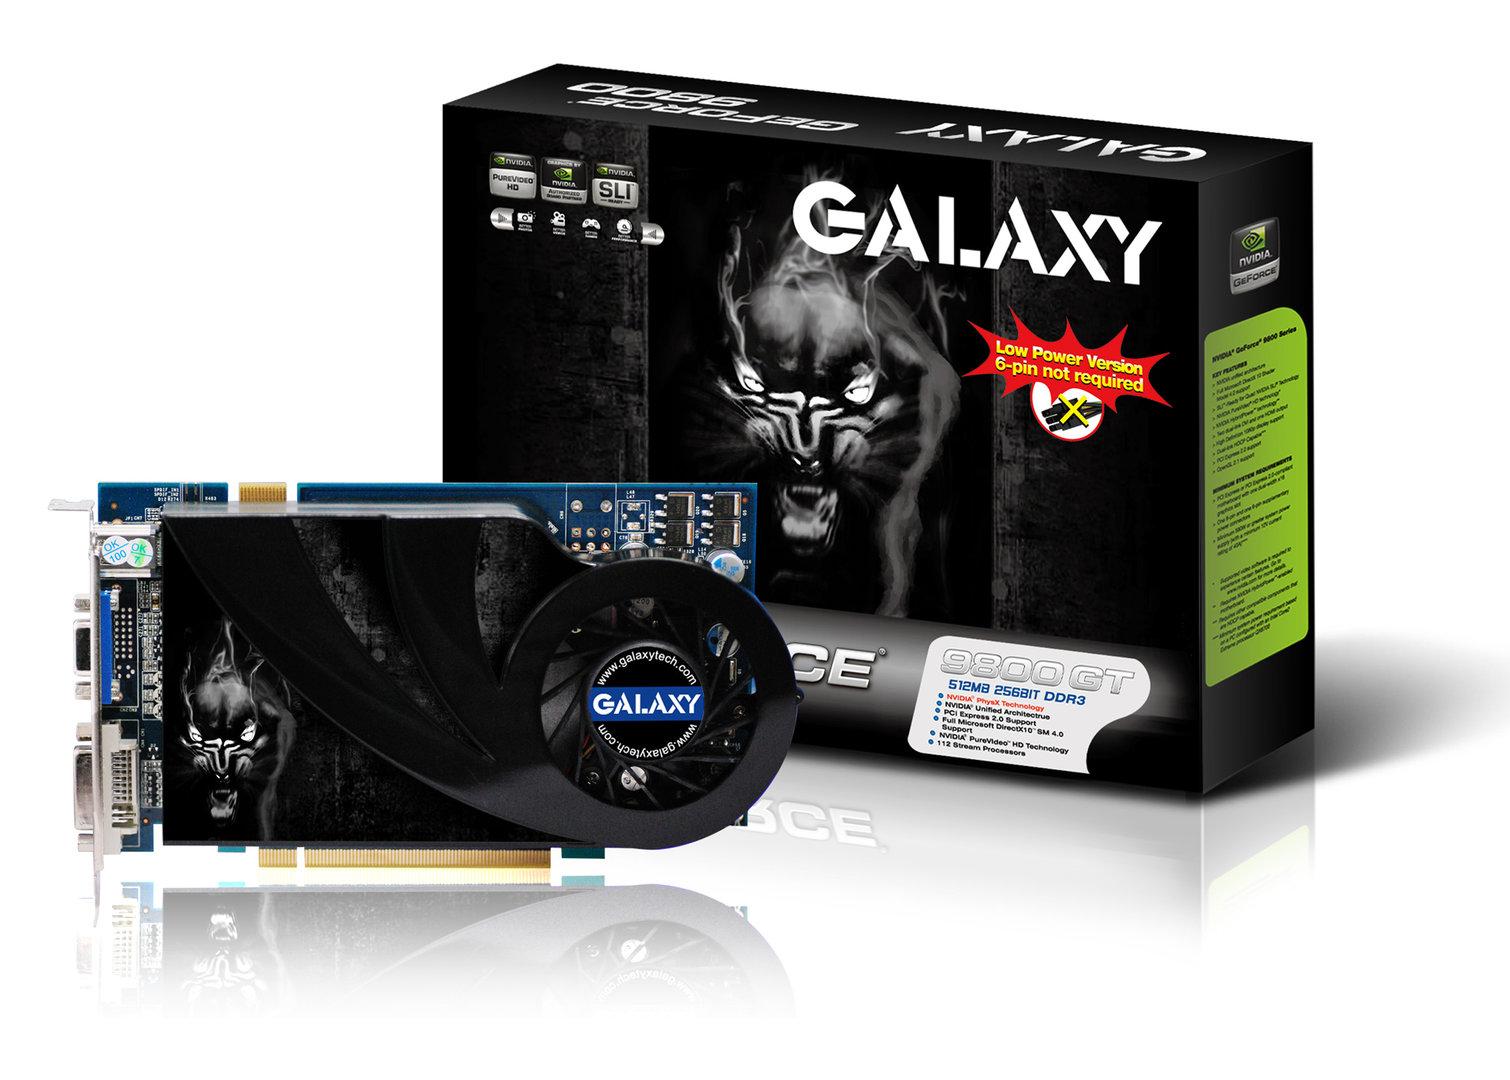 Galaxy 9800 GT Green mit (wahrscheinlich) 1 GByte